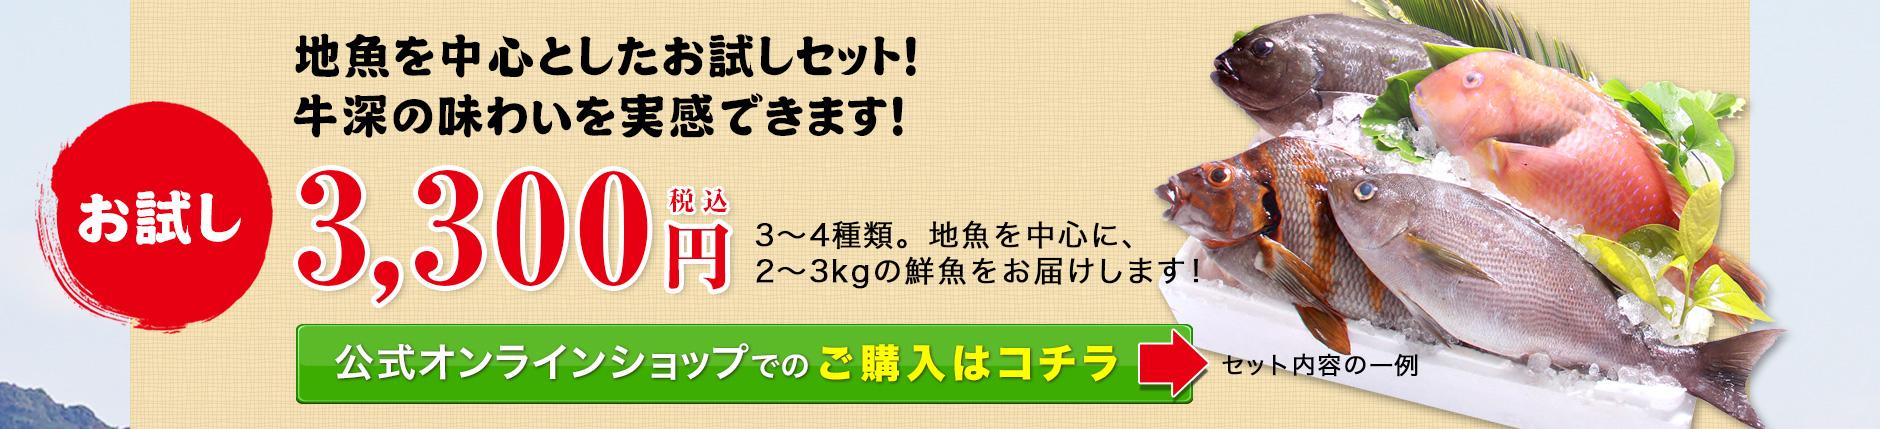 お試し3300円セットのお取り寄せ。地魚を中心としたお試しセット!牛深の味わいを実感できます!